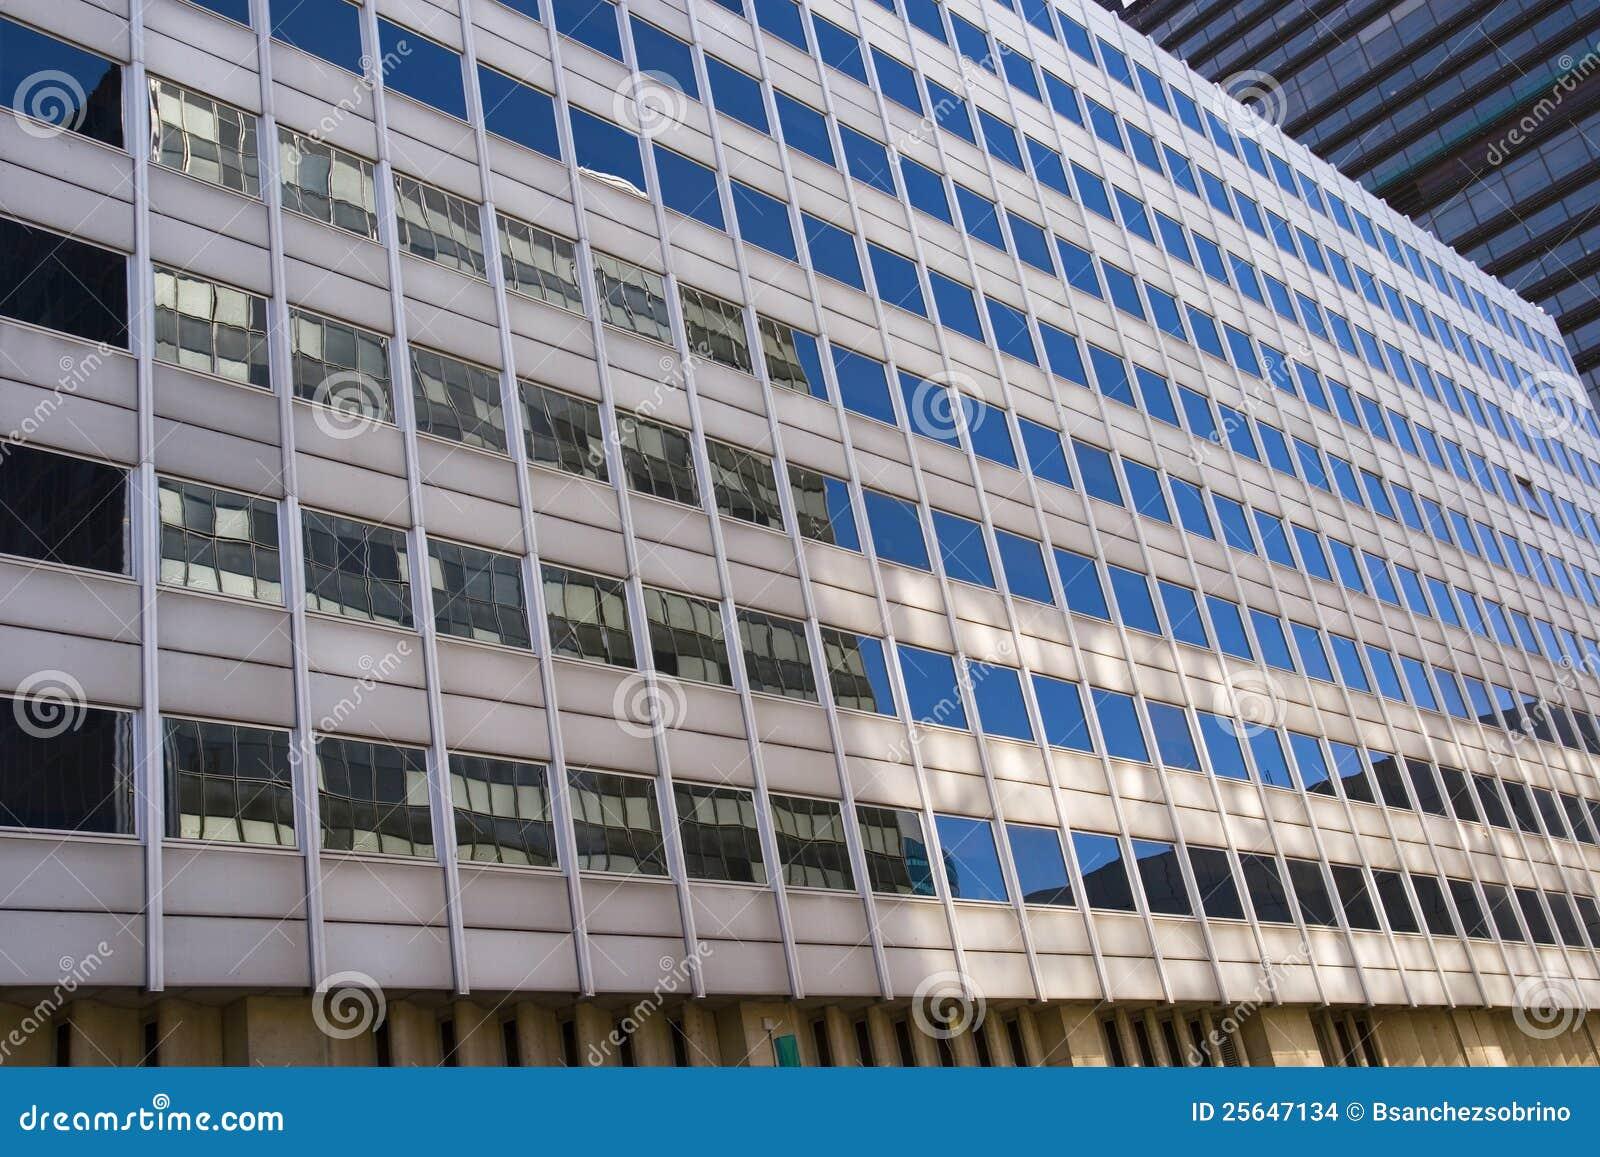 Reflexiones en la fachada de cristal edificios modernos - Fachada de cristal ...